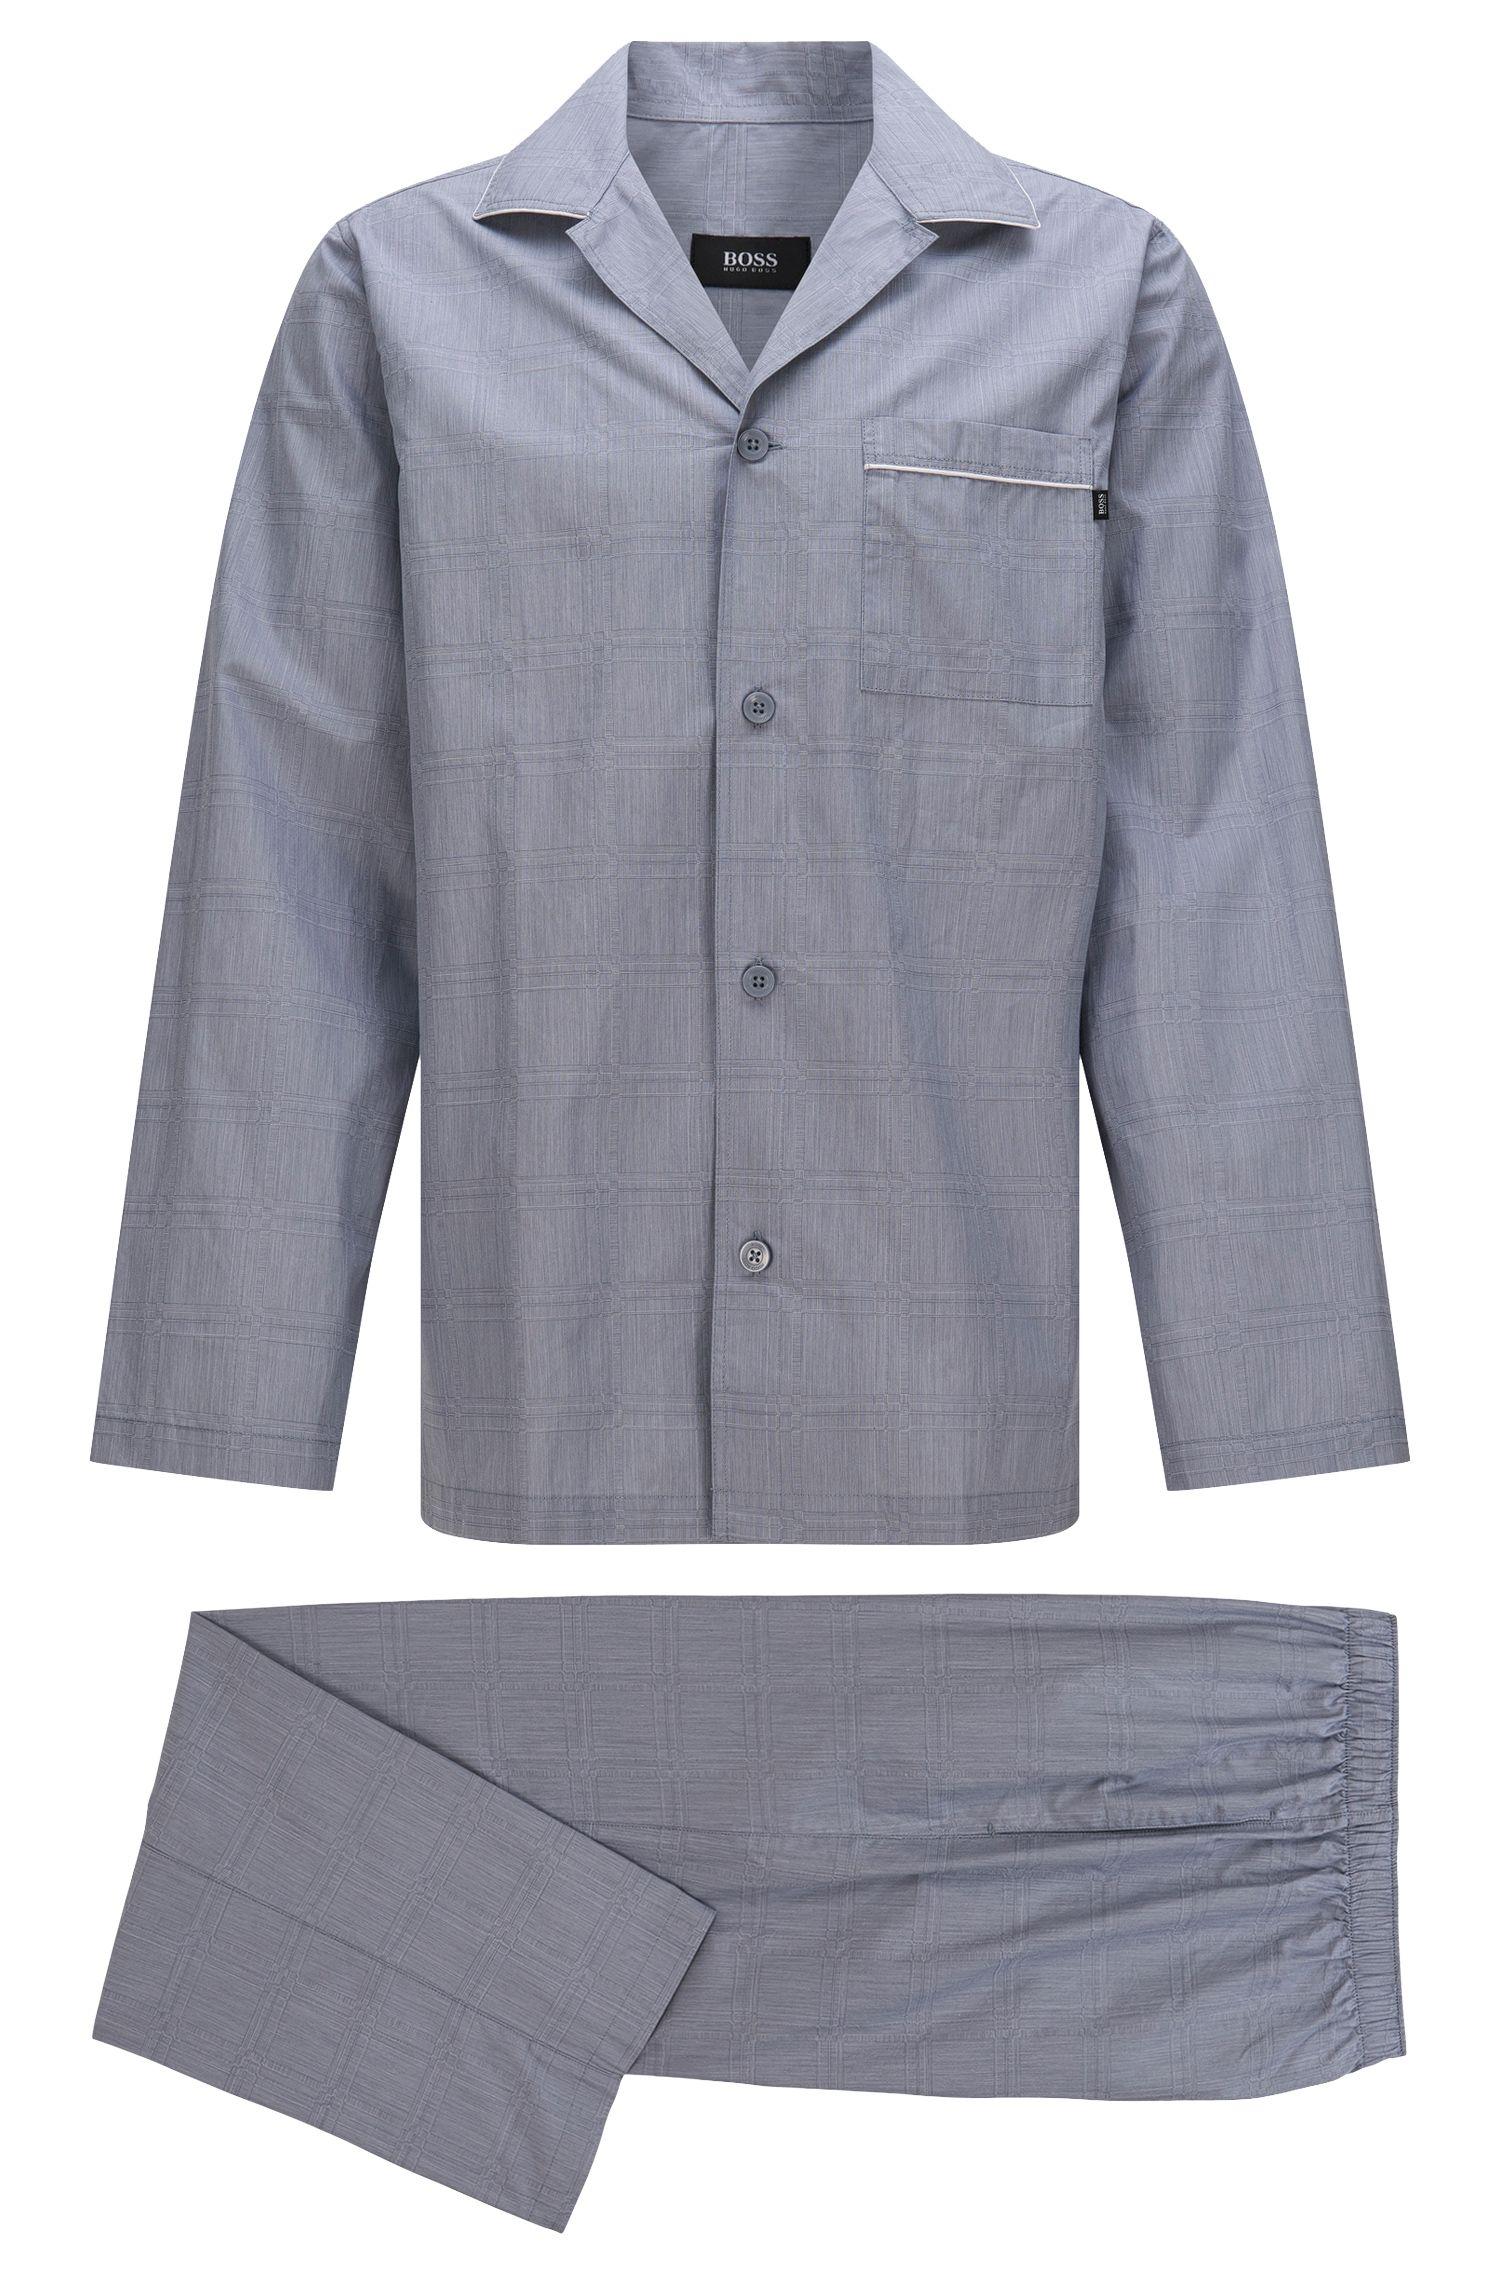 Pyjama aus Baumwolle mit Brusttasche und Elastikbund: 'Pyjama 2'